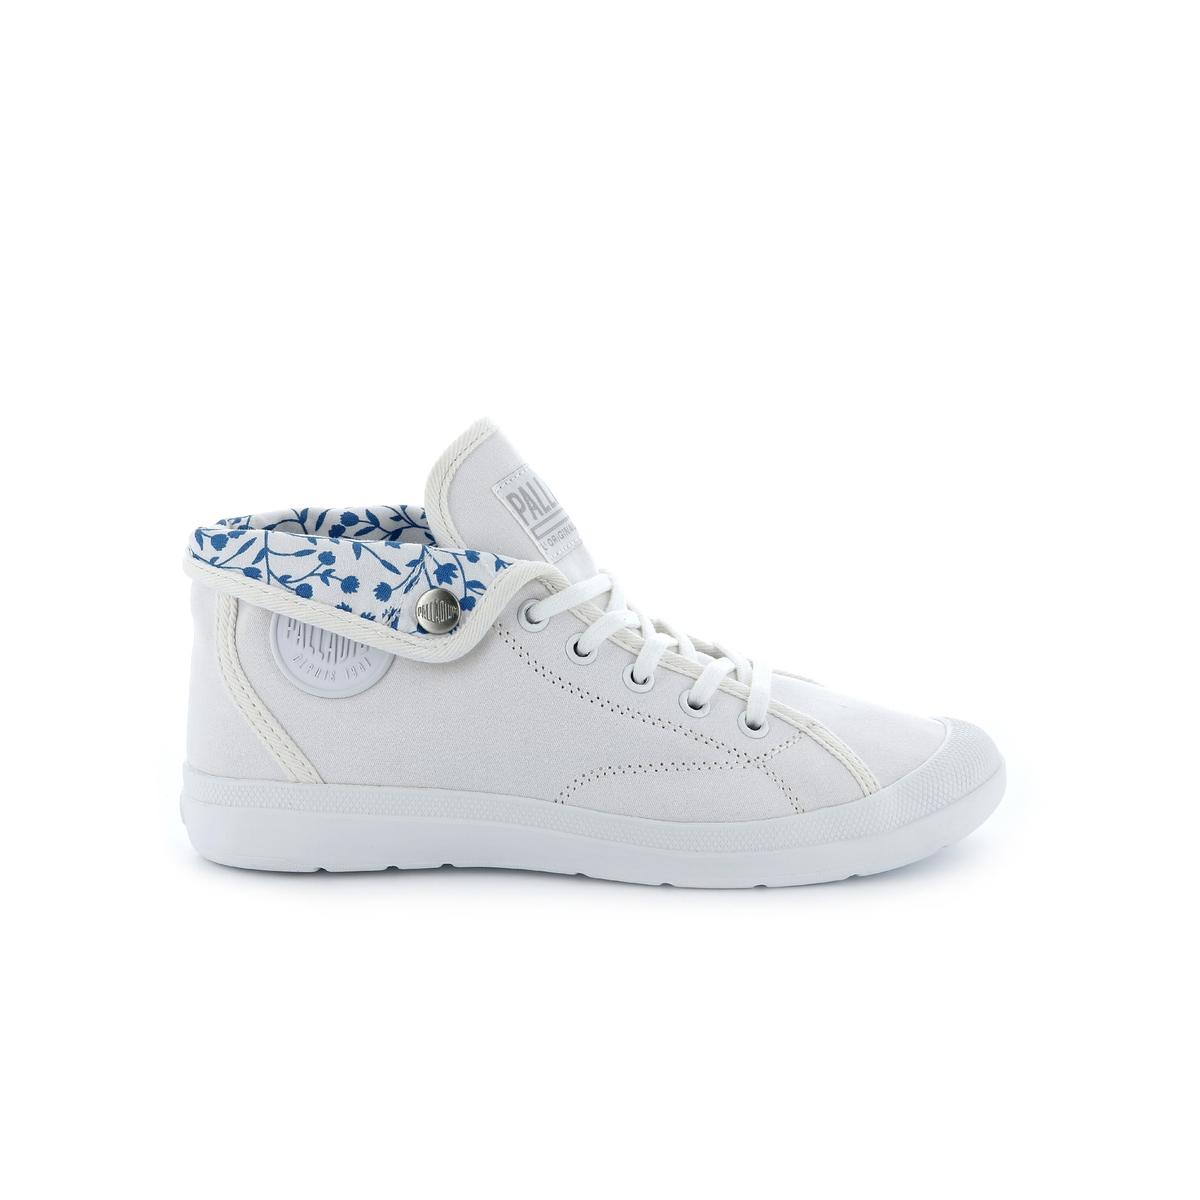 Кеды высокие AventureОписание:Детали •  Кеды высокие •  Спортивный стиль •  Плоский каблук •  Высота каблука : 2 см •  Застежка : шнуровкаСостав и уход •  Верх 100% текстиль •  Подкладка 100% хлопок •  Стелька 100% хлопок •  Подошва 100% каучук<br><br>Цвет: белый,серый